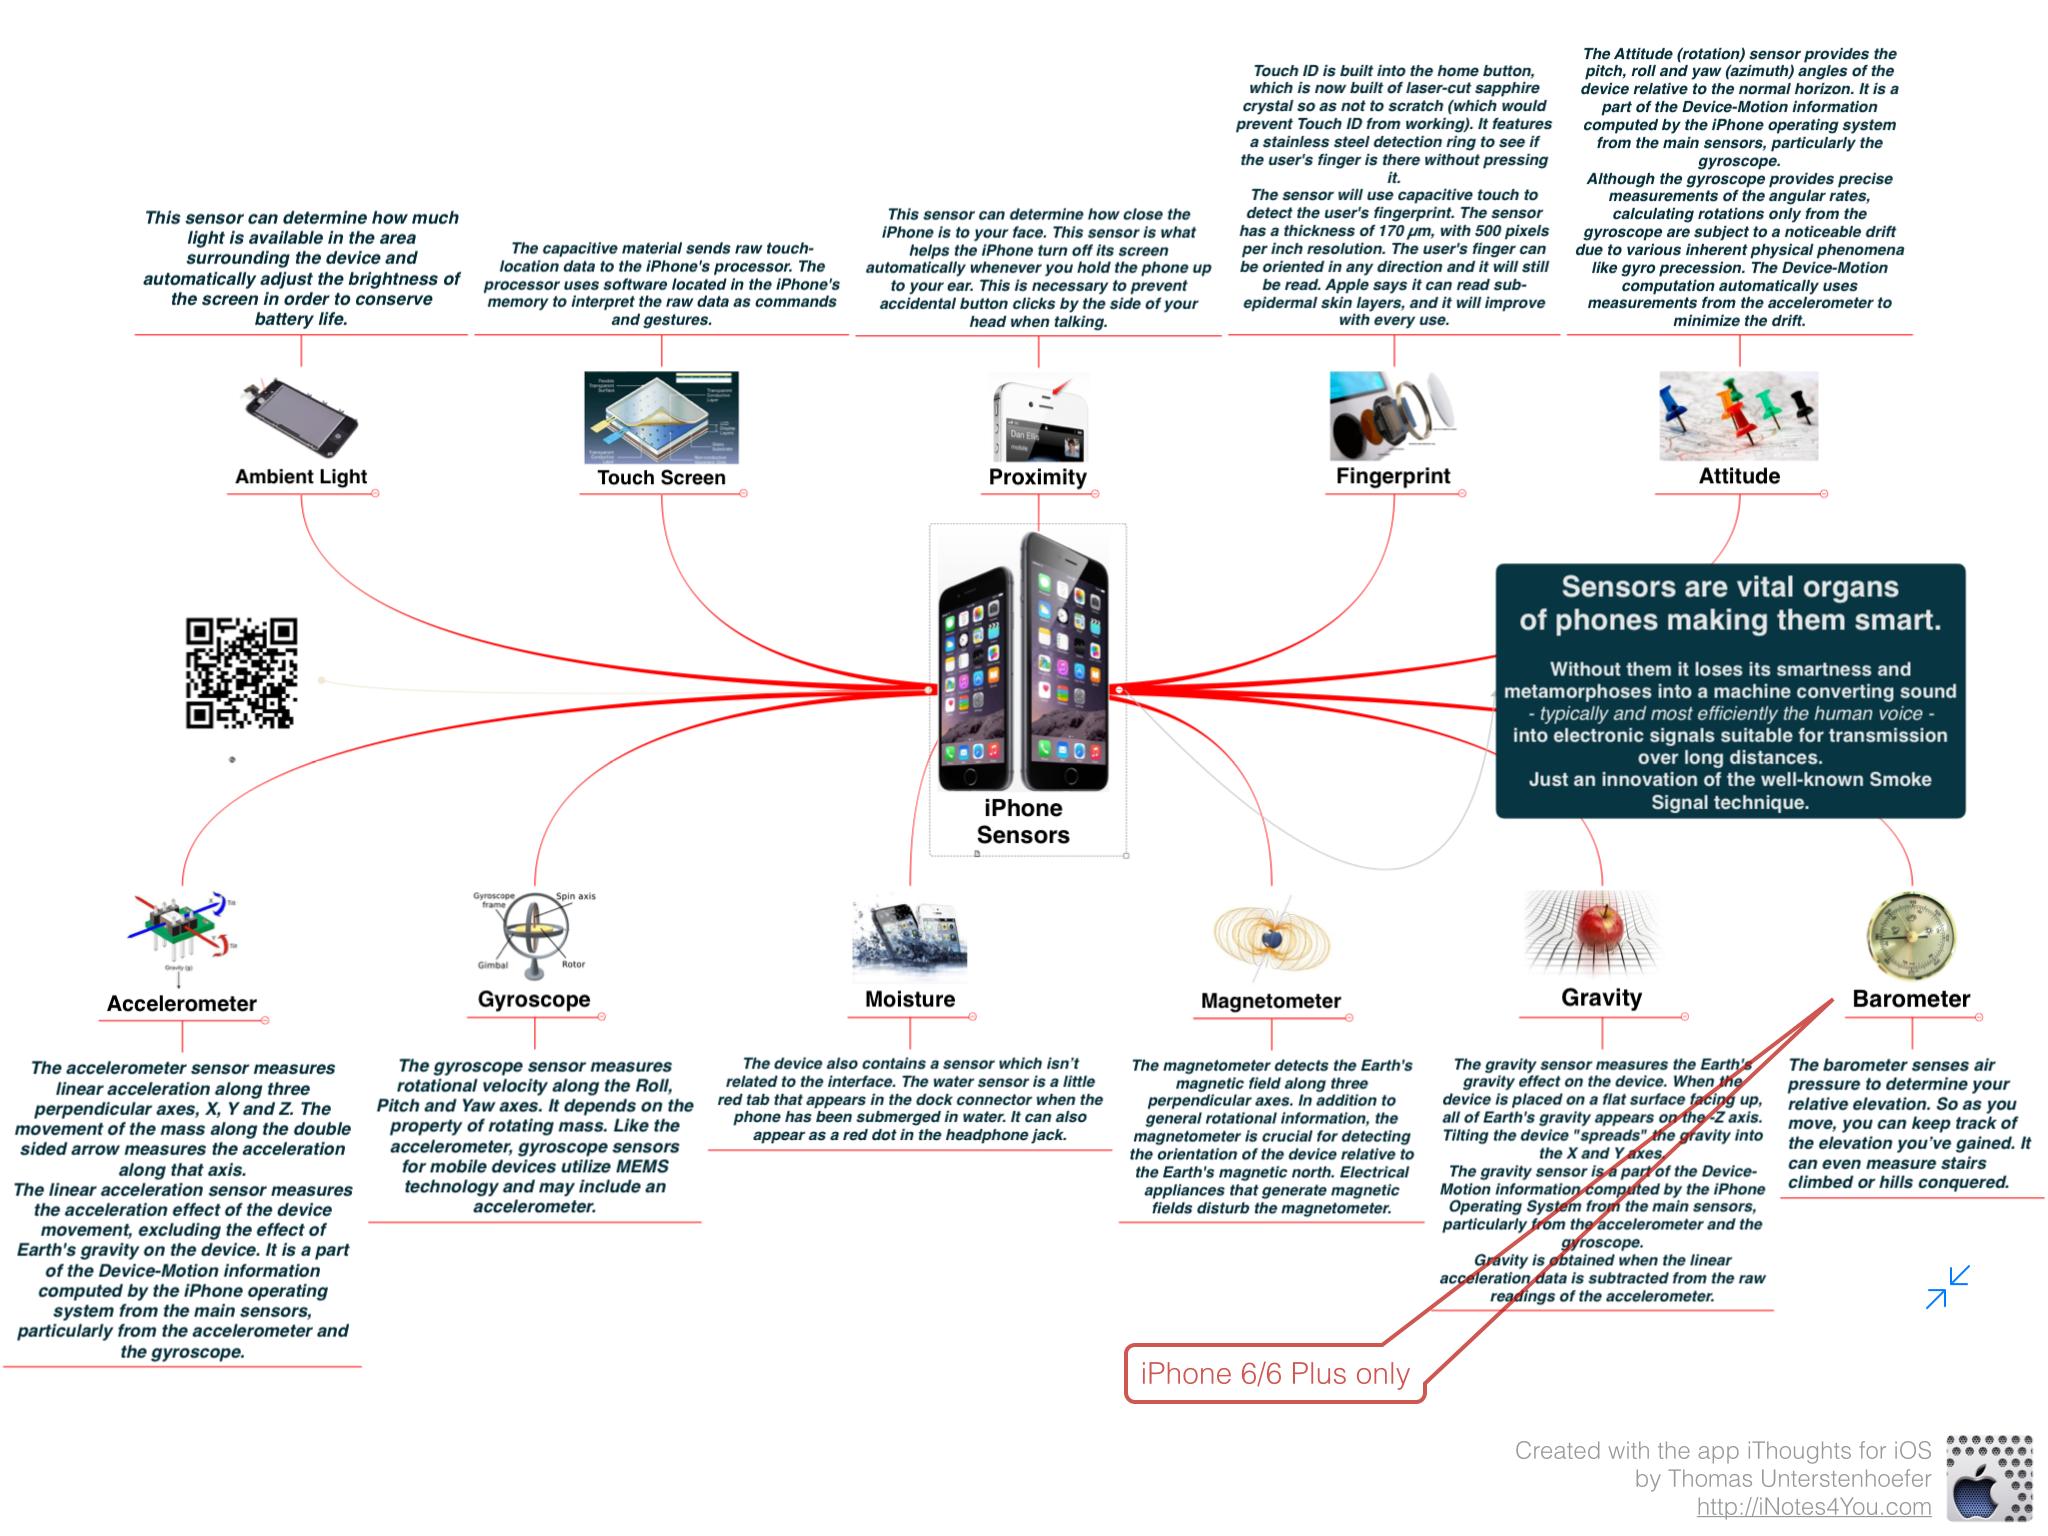 iphone 6 sensor diagram download wiring diagrams u2022 rh sleeperfurniture co computer motherboard diagram labeled A Simple Diagram ATX Motherboard